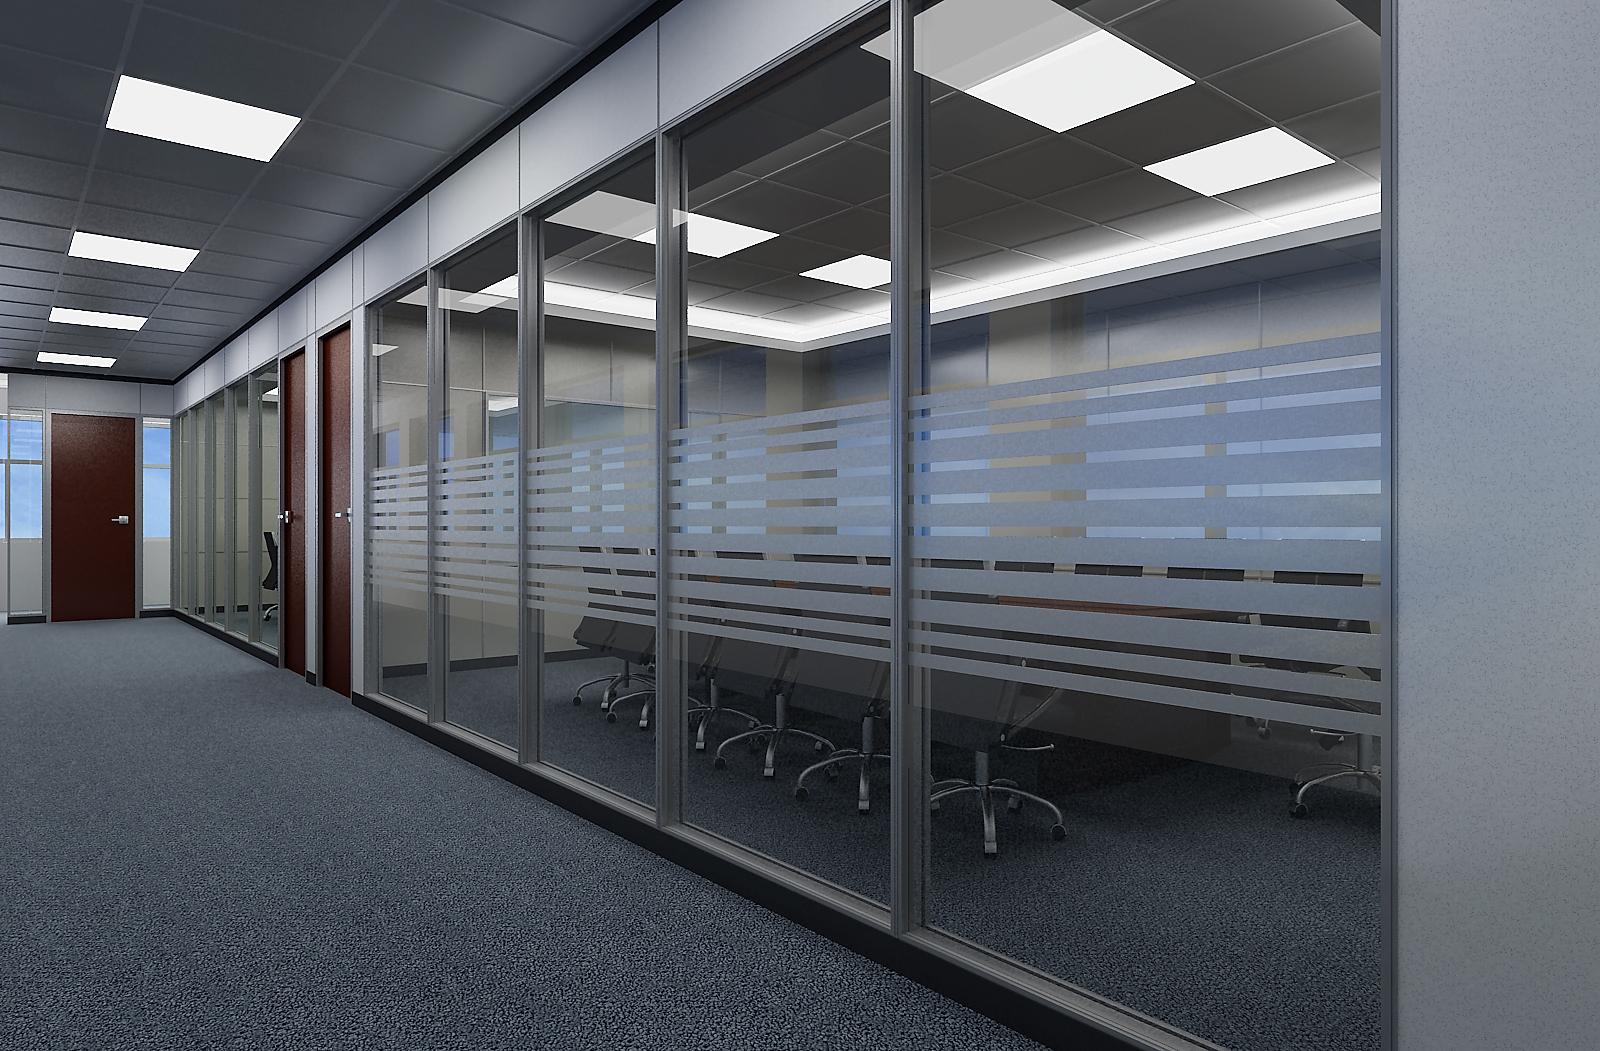 办公隔断对办公空间进行合理分割